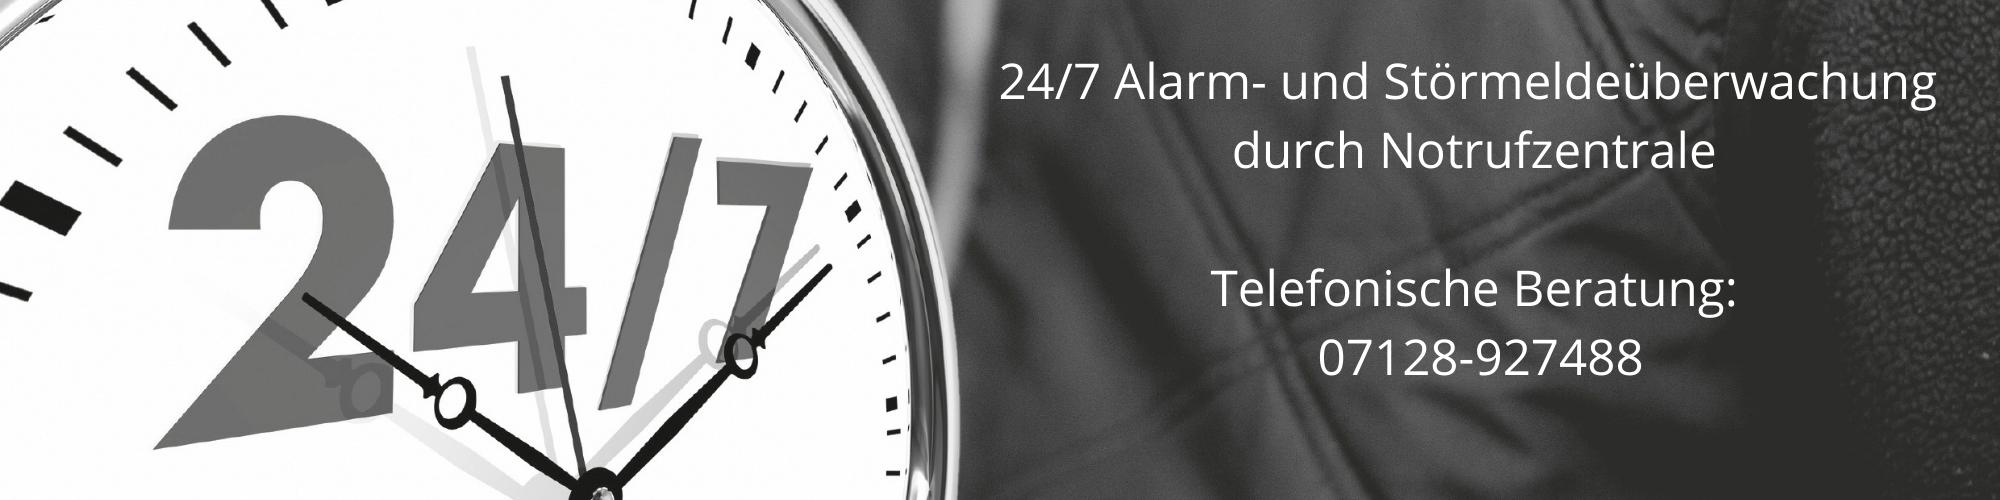 24/7 Alarmüberwachung durch Notrufzentrale